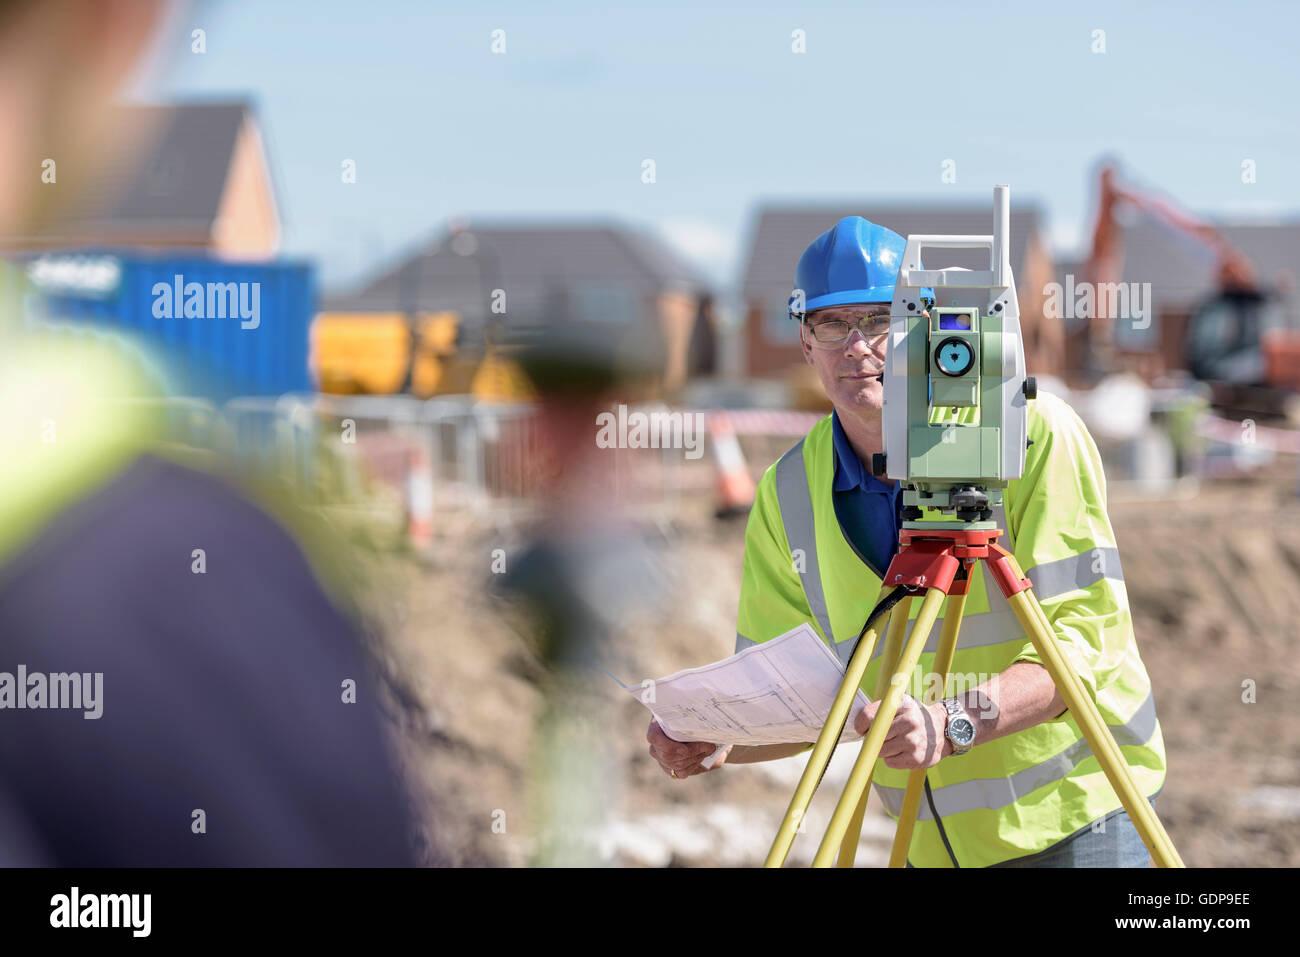 Aprendiz constructores usando teodolito sobre sitio en construcción Imagen De Stock